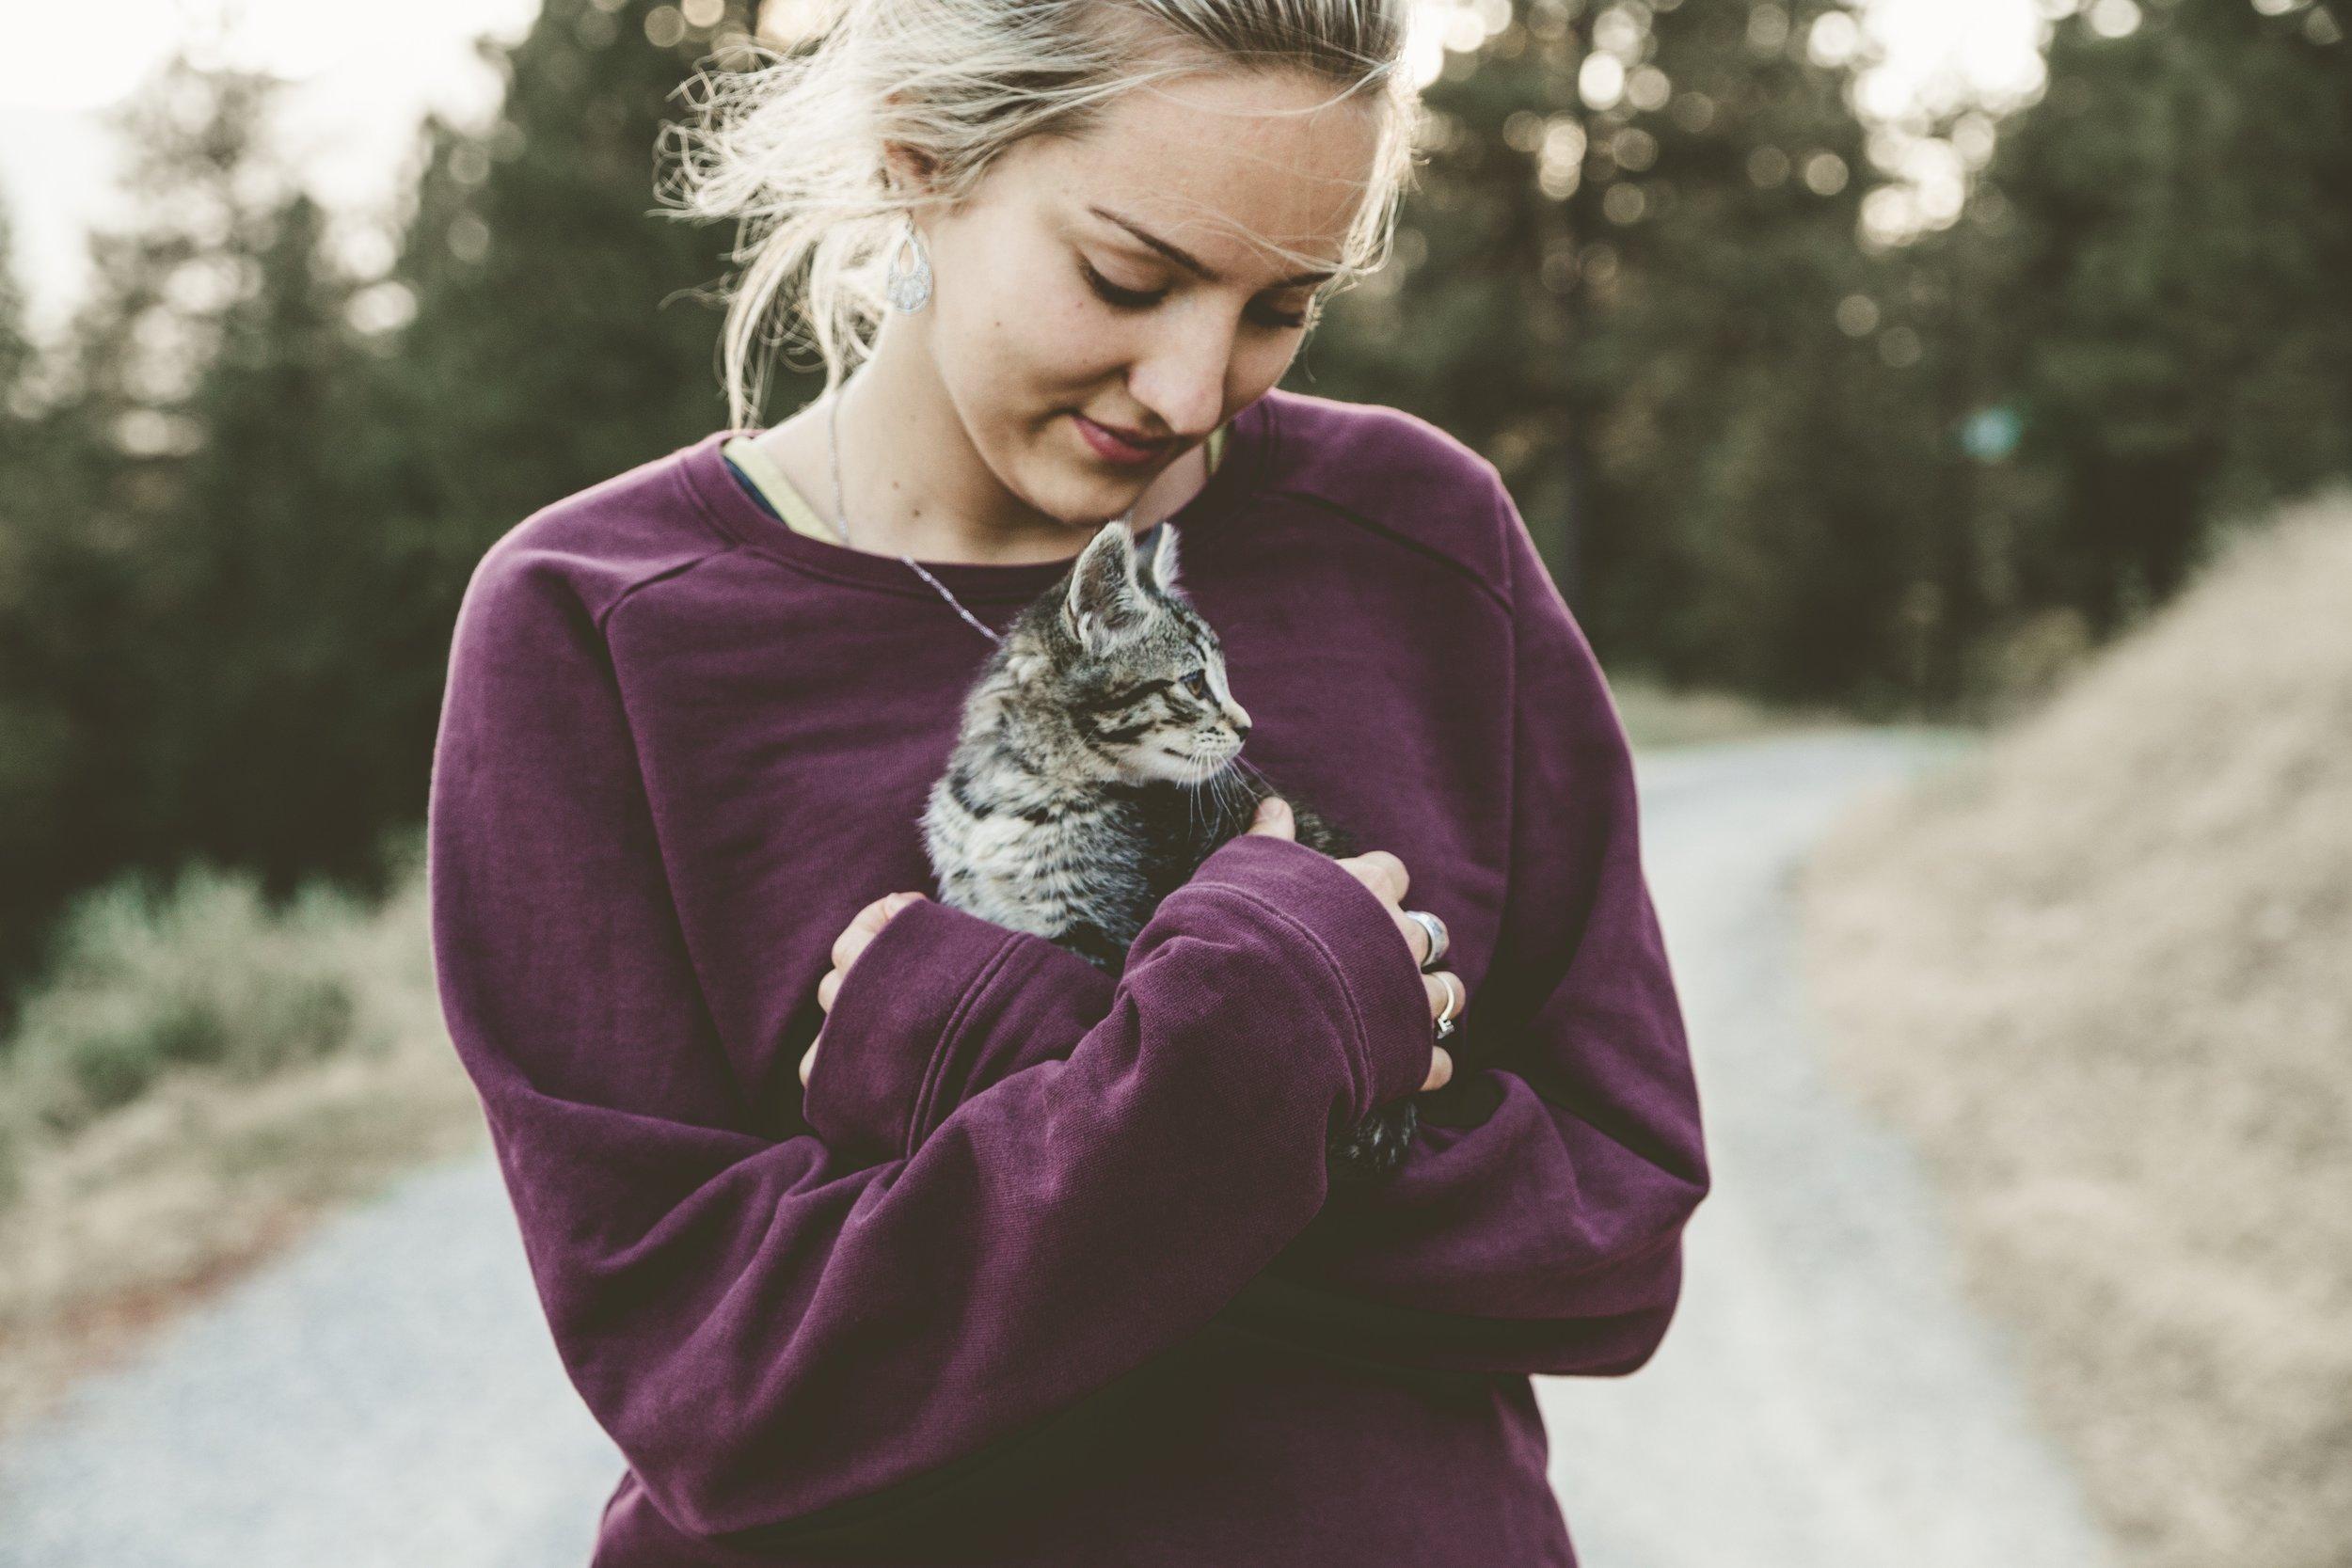 Kitten Cuddles, #kittencuddles #graykitten